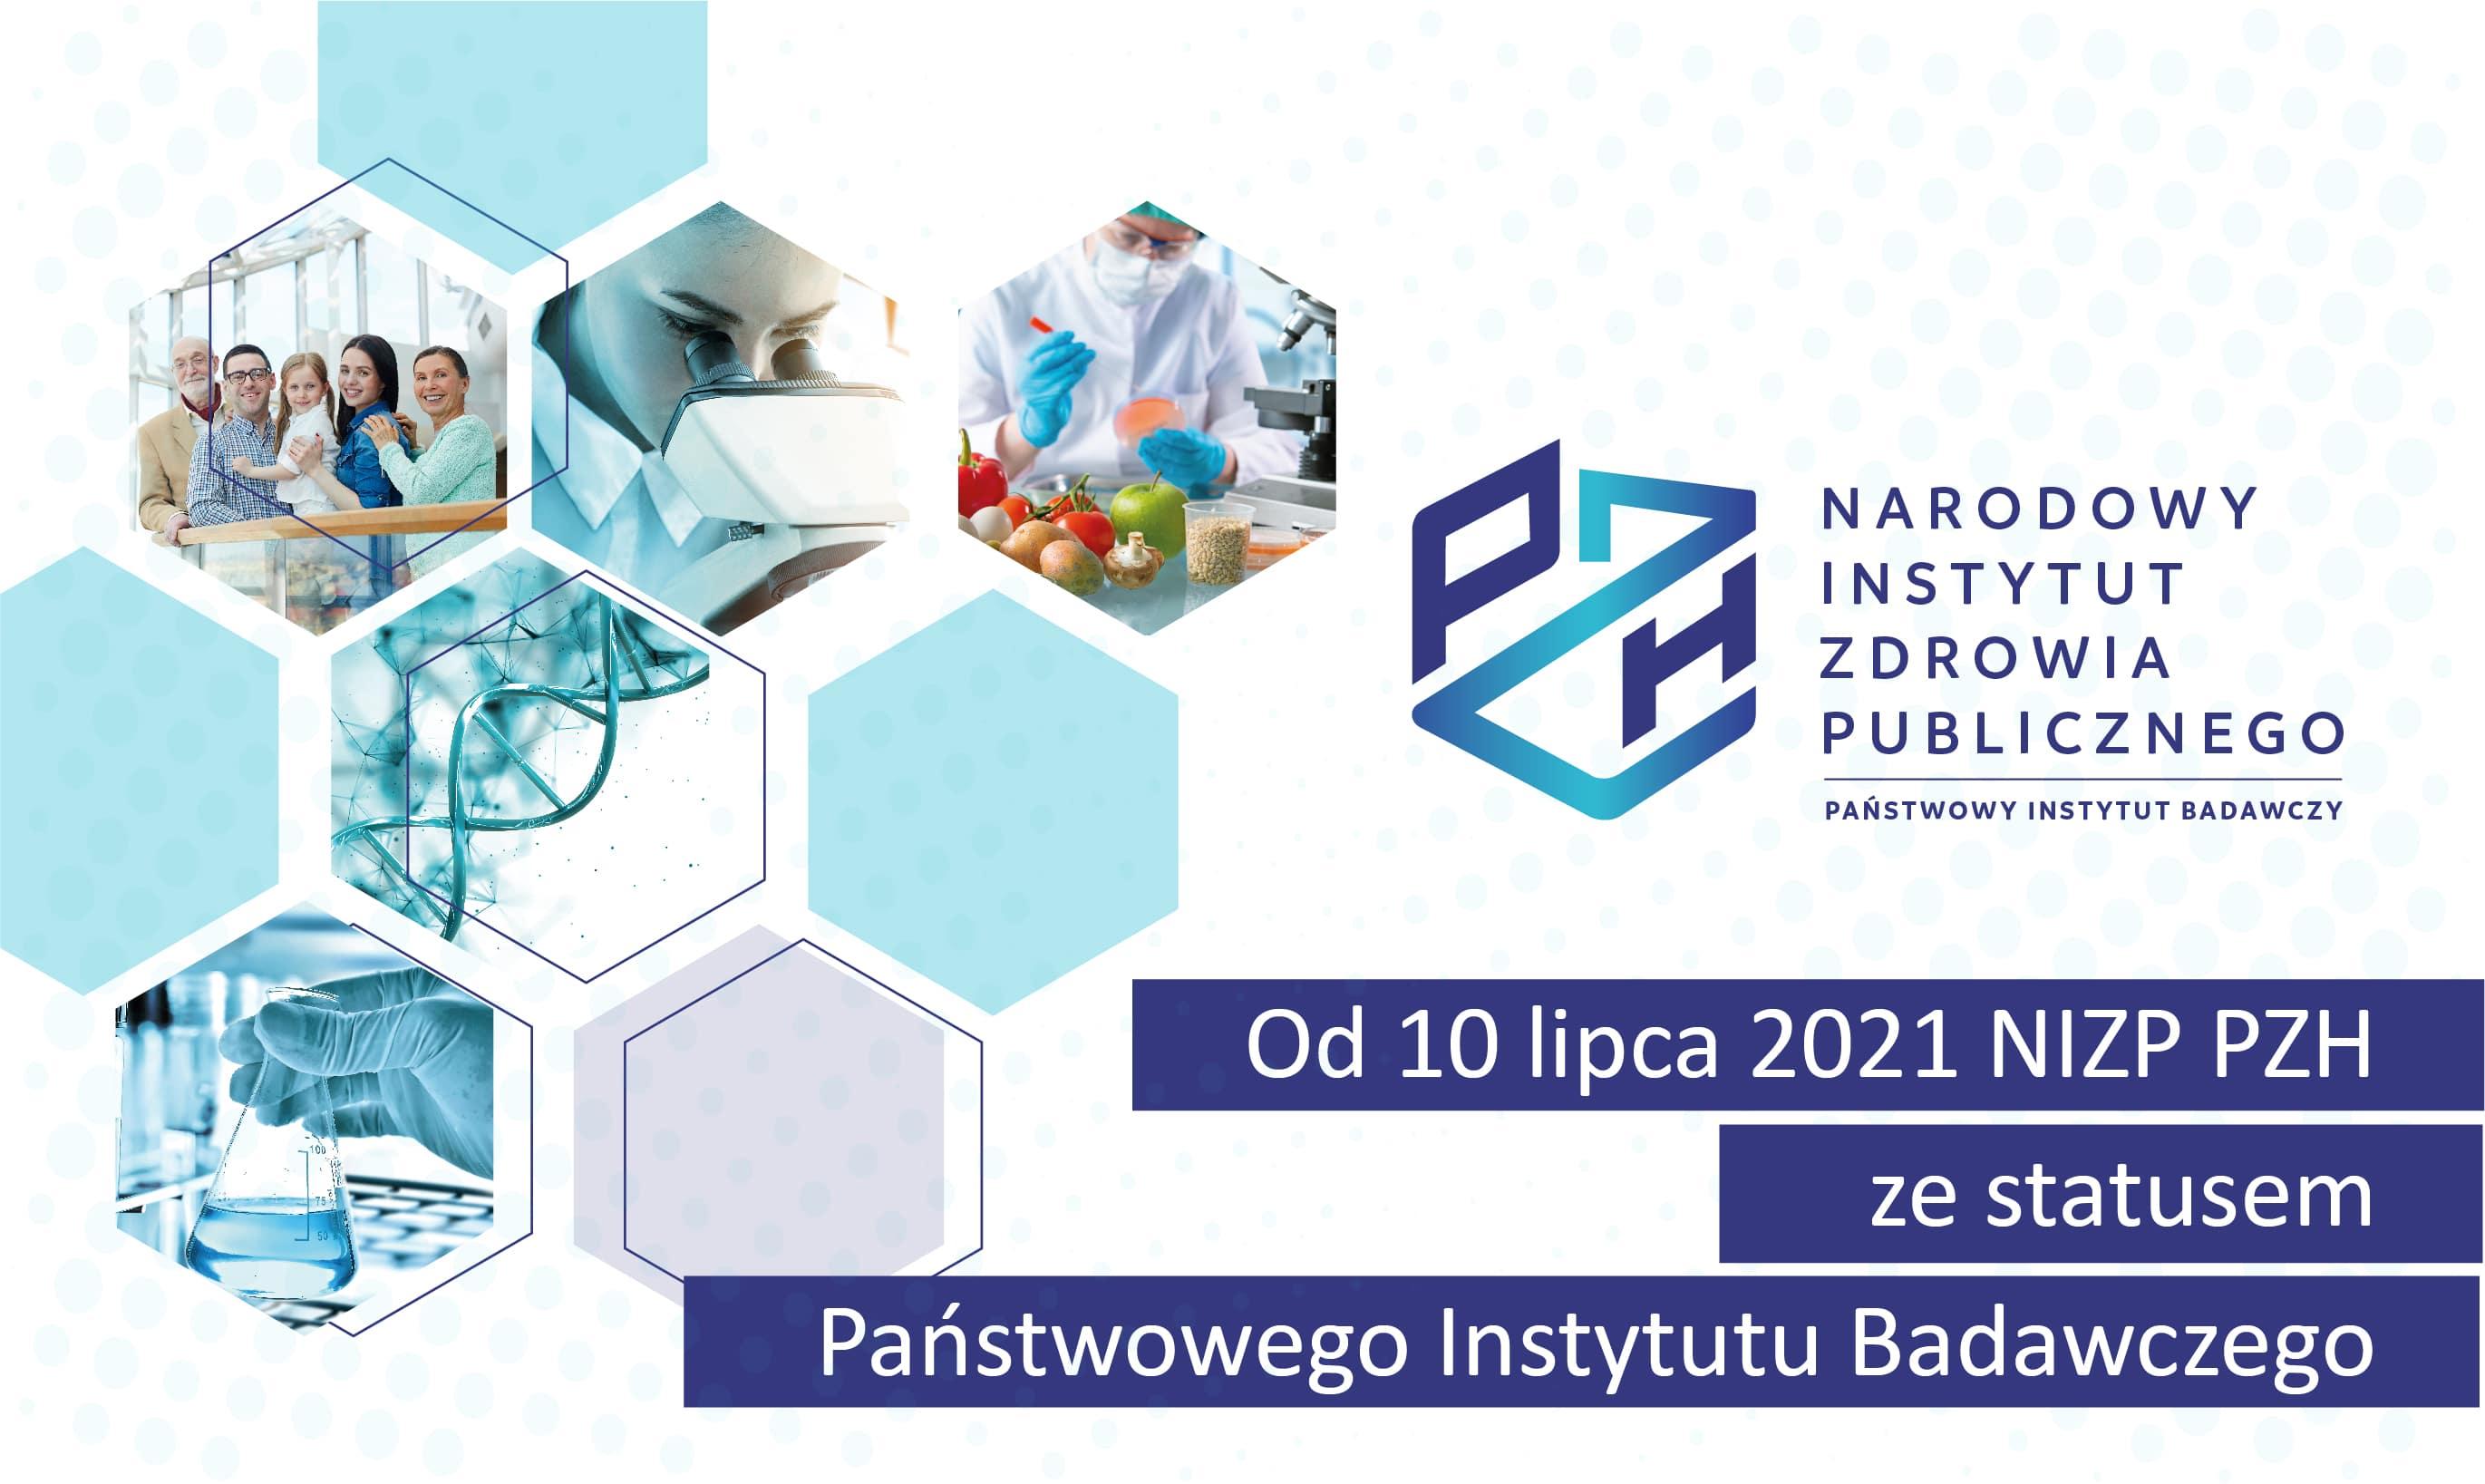 NIZP PZH Państwowym Instytutem Badawczym